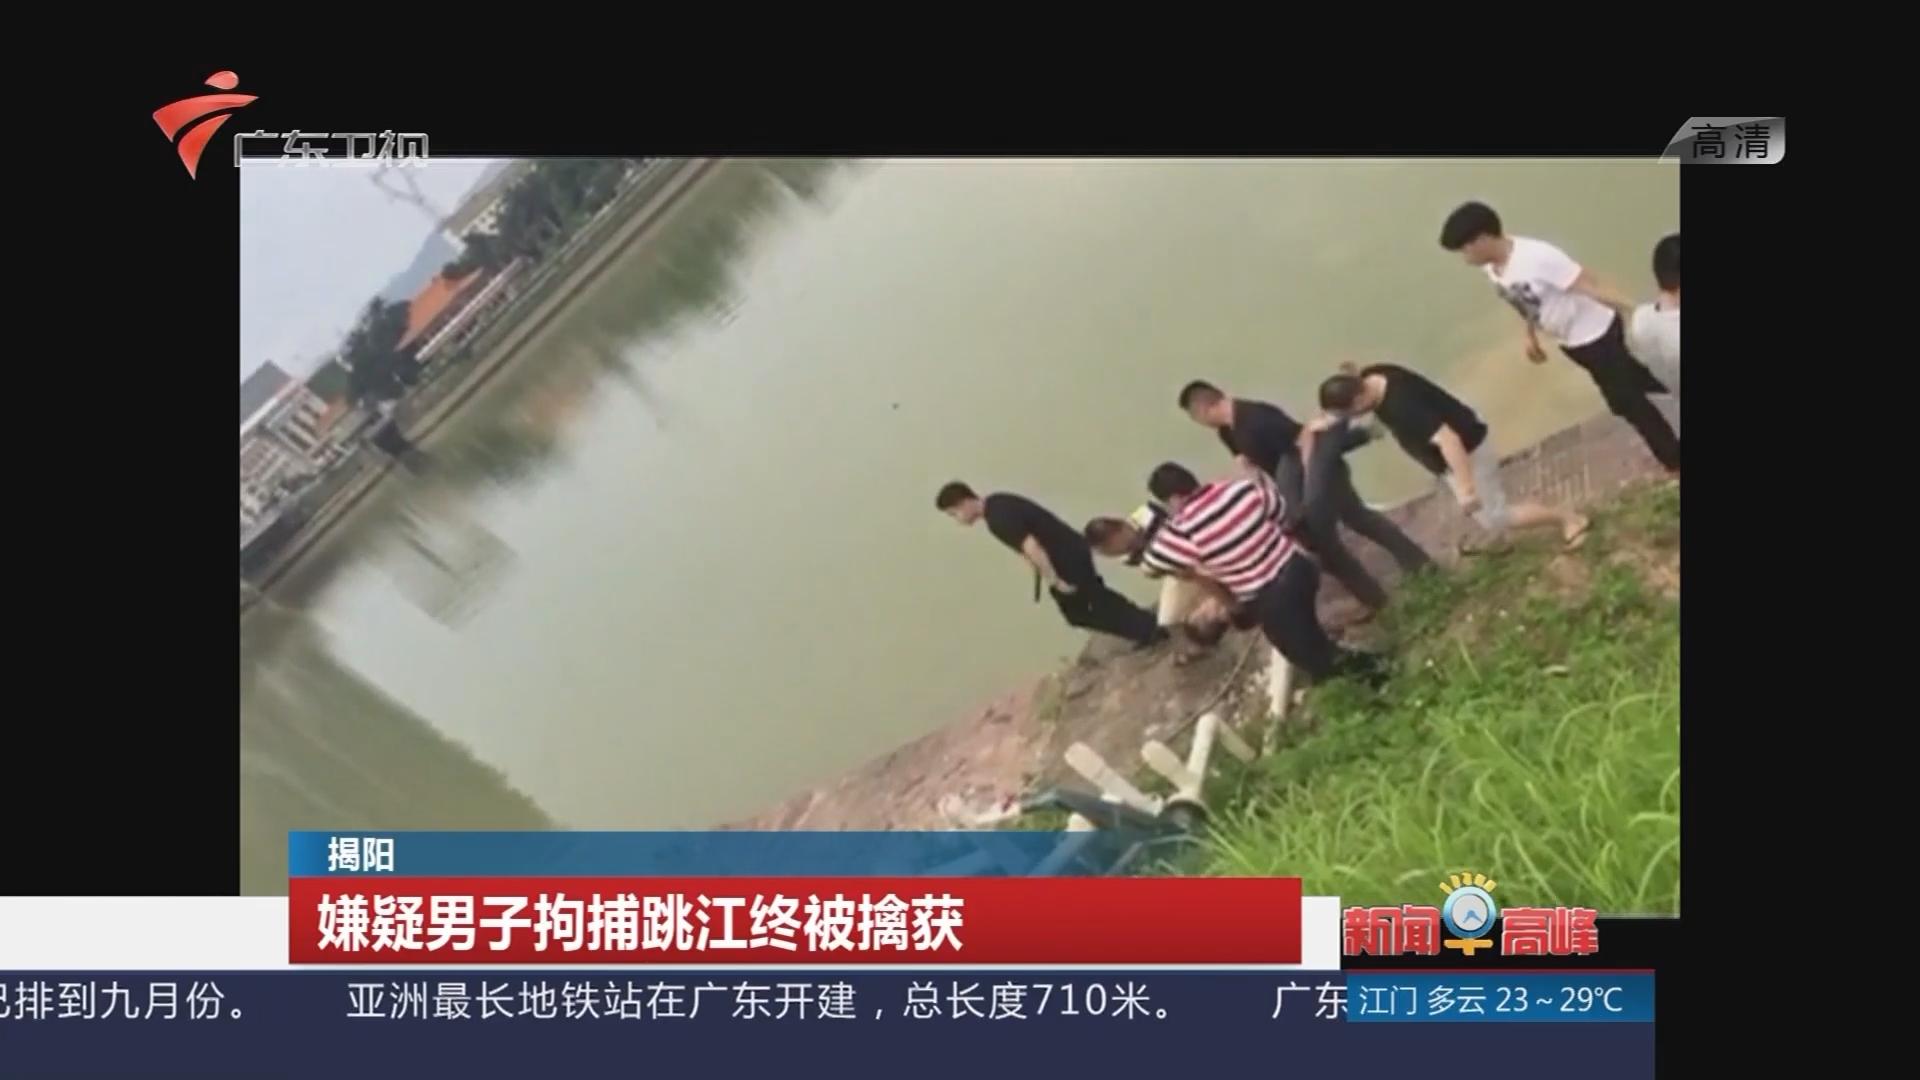 揭阳:嫌疑男子拘捕跳江终被擒获